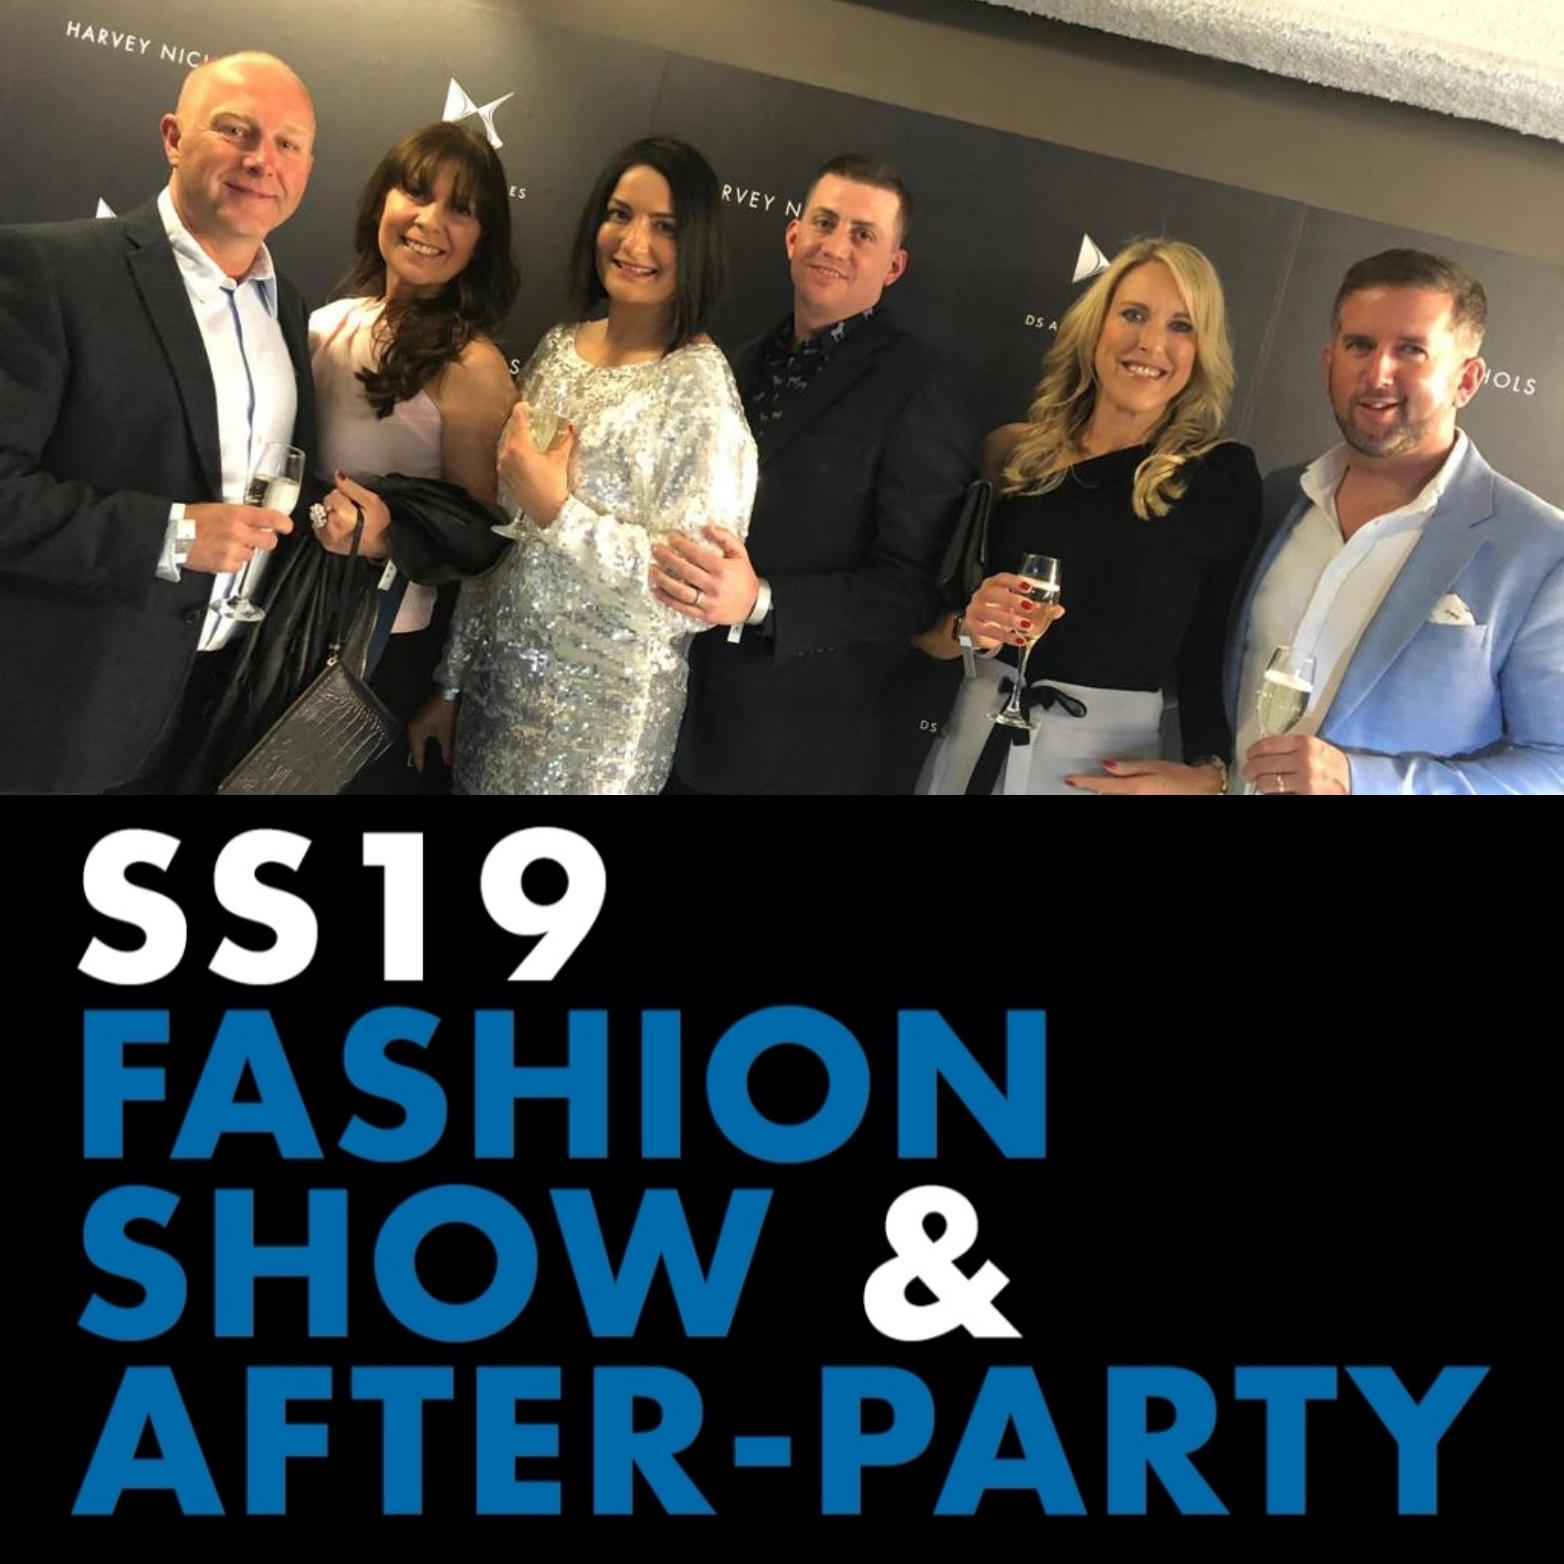 Harvey Nichols SS19 Fashion Show